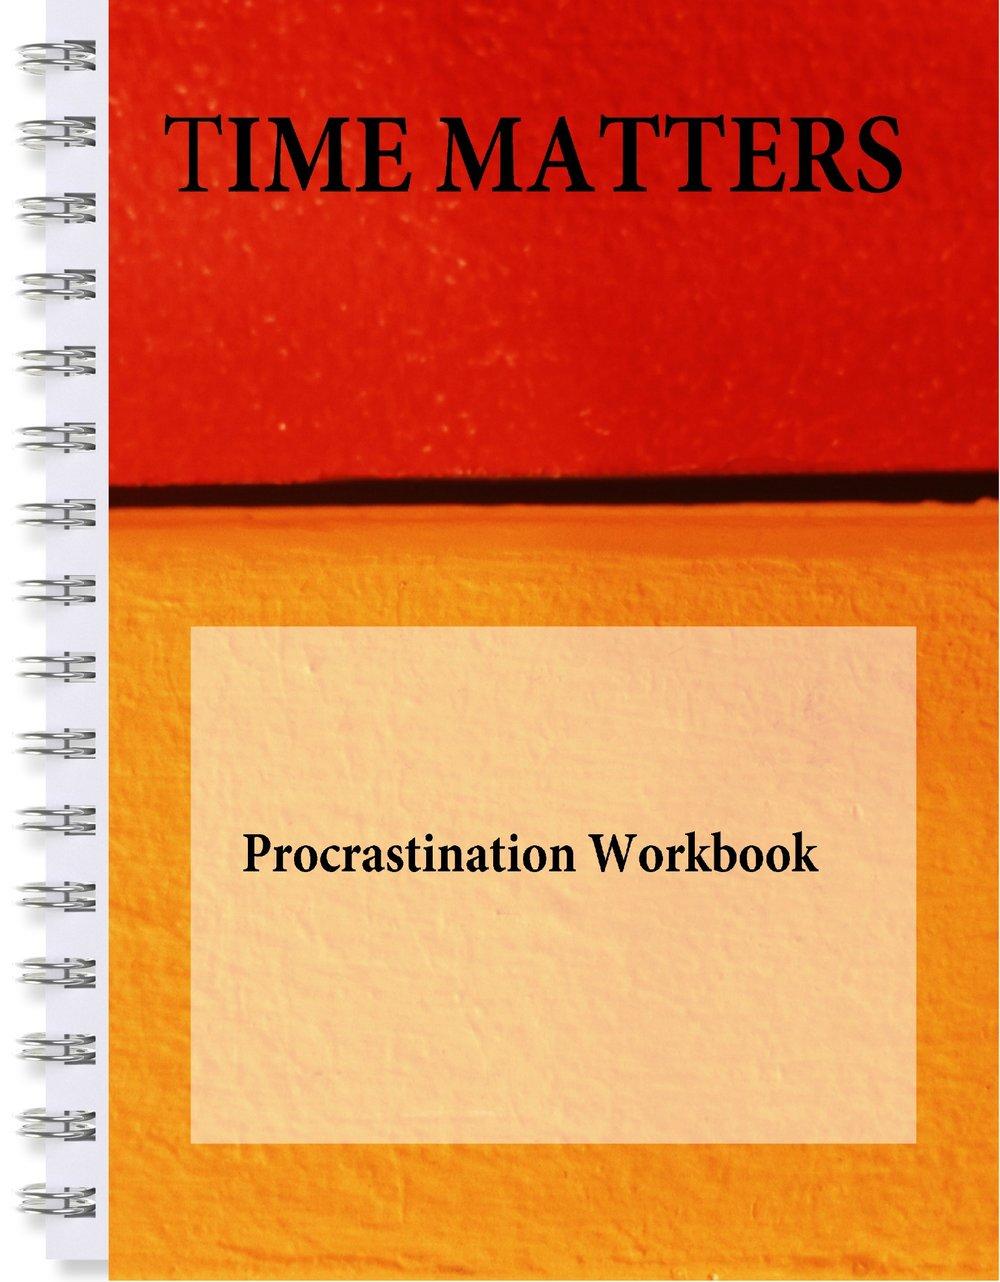 UPDATED-PROCRASTINATION WORKBOOK SITE-page-0-2.jpg